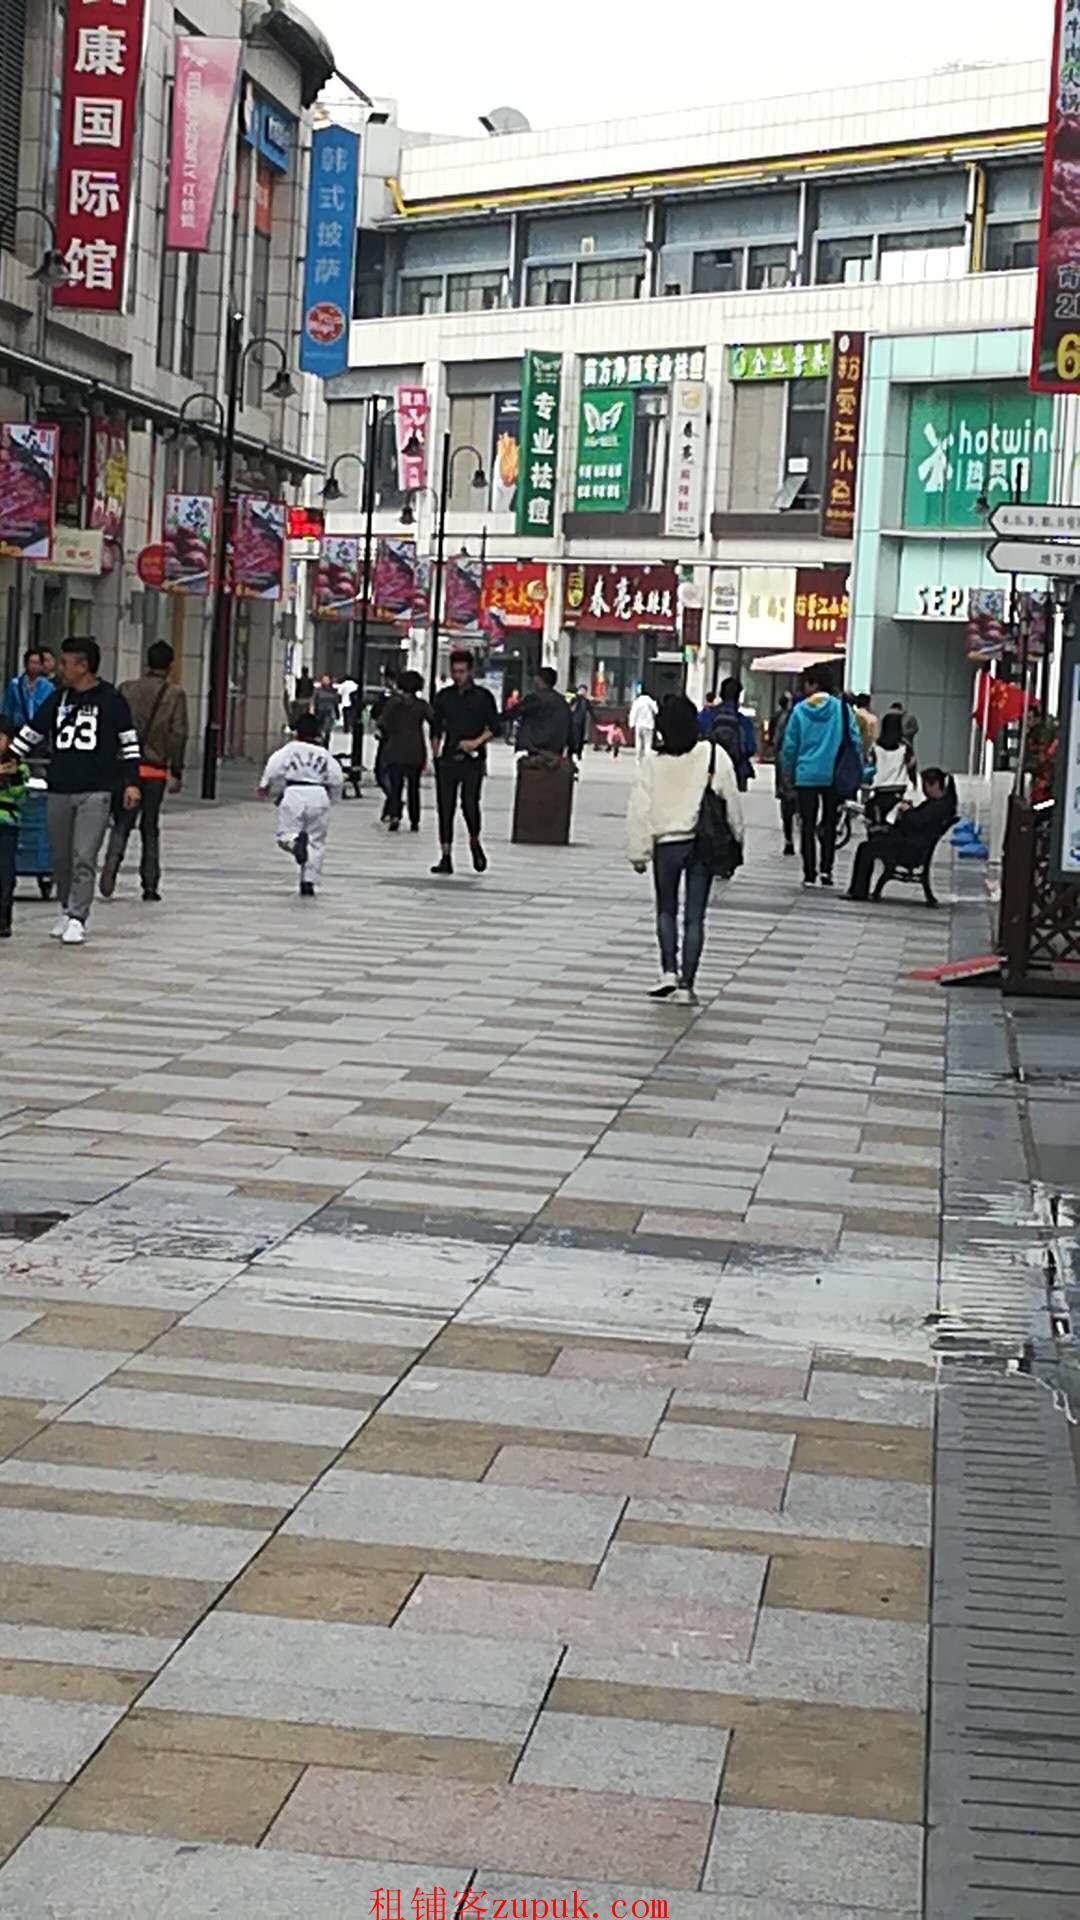 长宁区  沿街商铺 外国友人聚集地  执照齐全